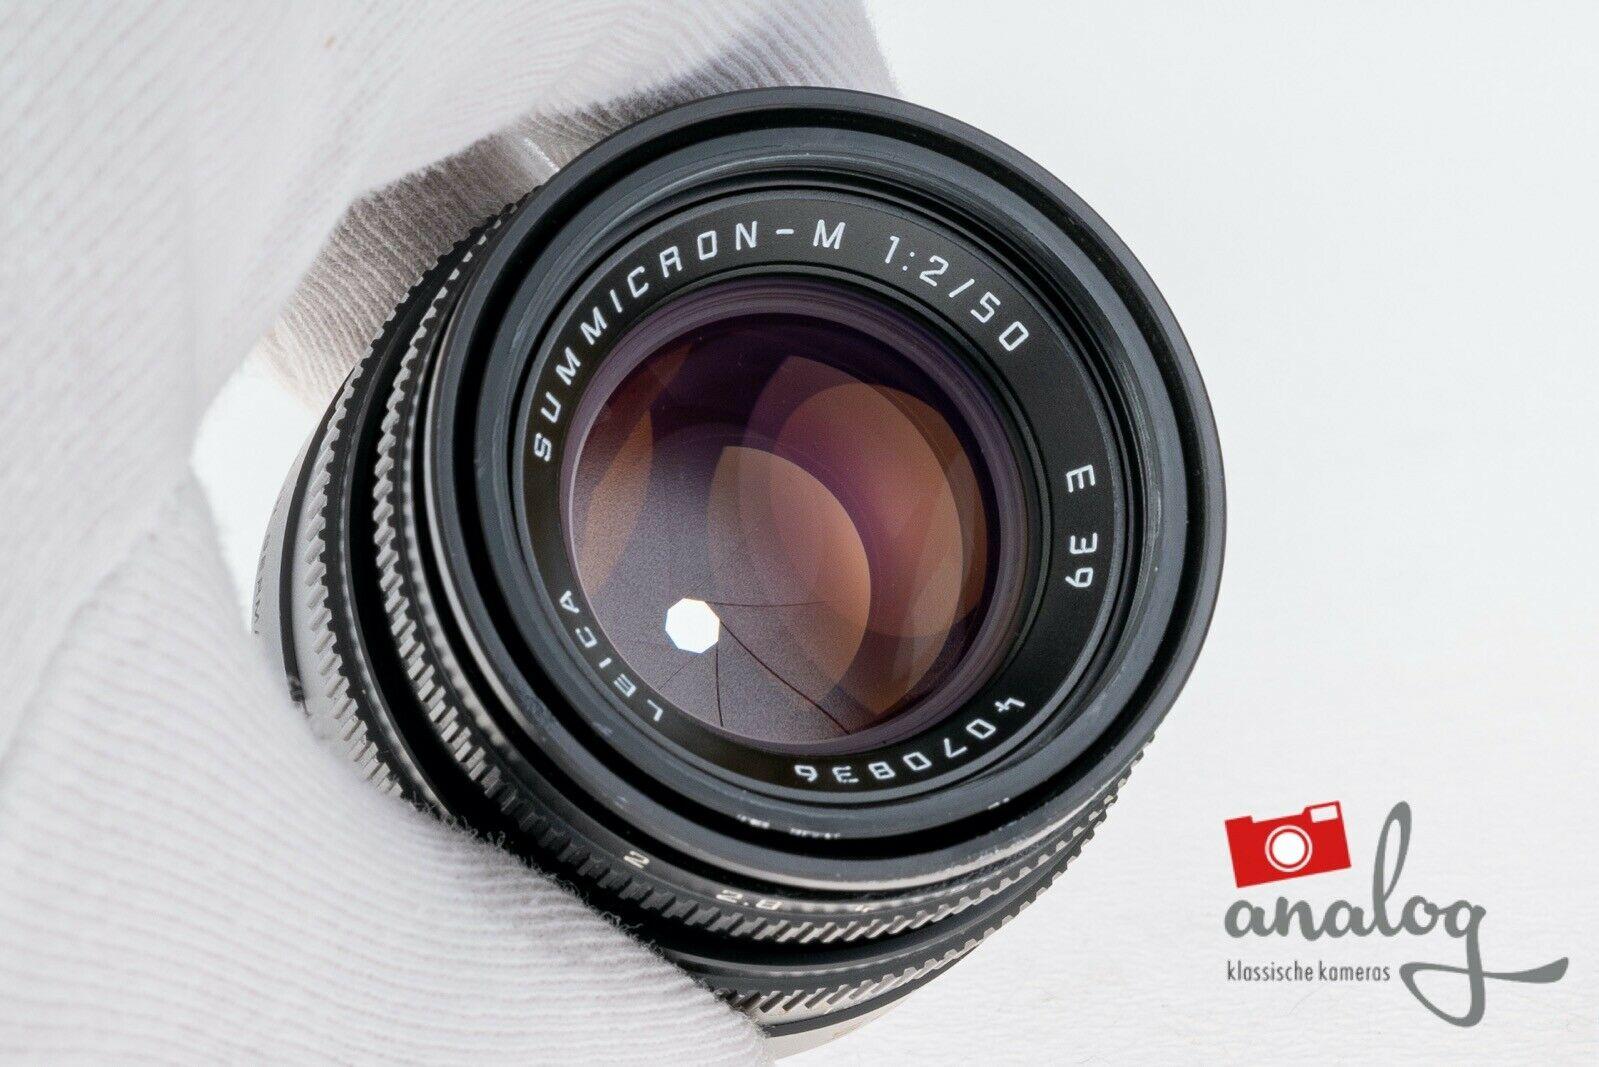 Leica Summicron M 50mm 2.0 - 11826 - werkstattüberholt